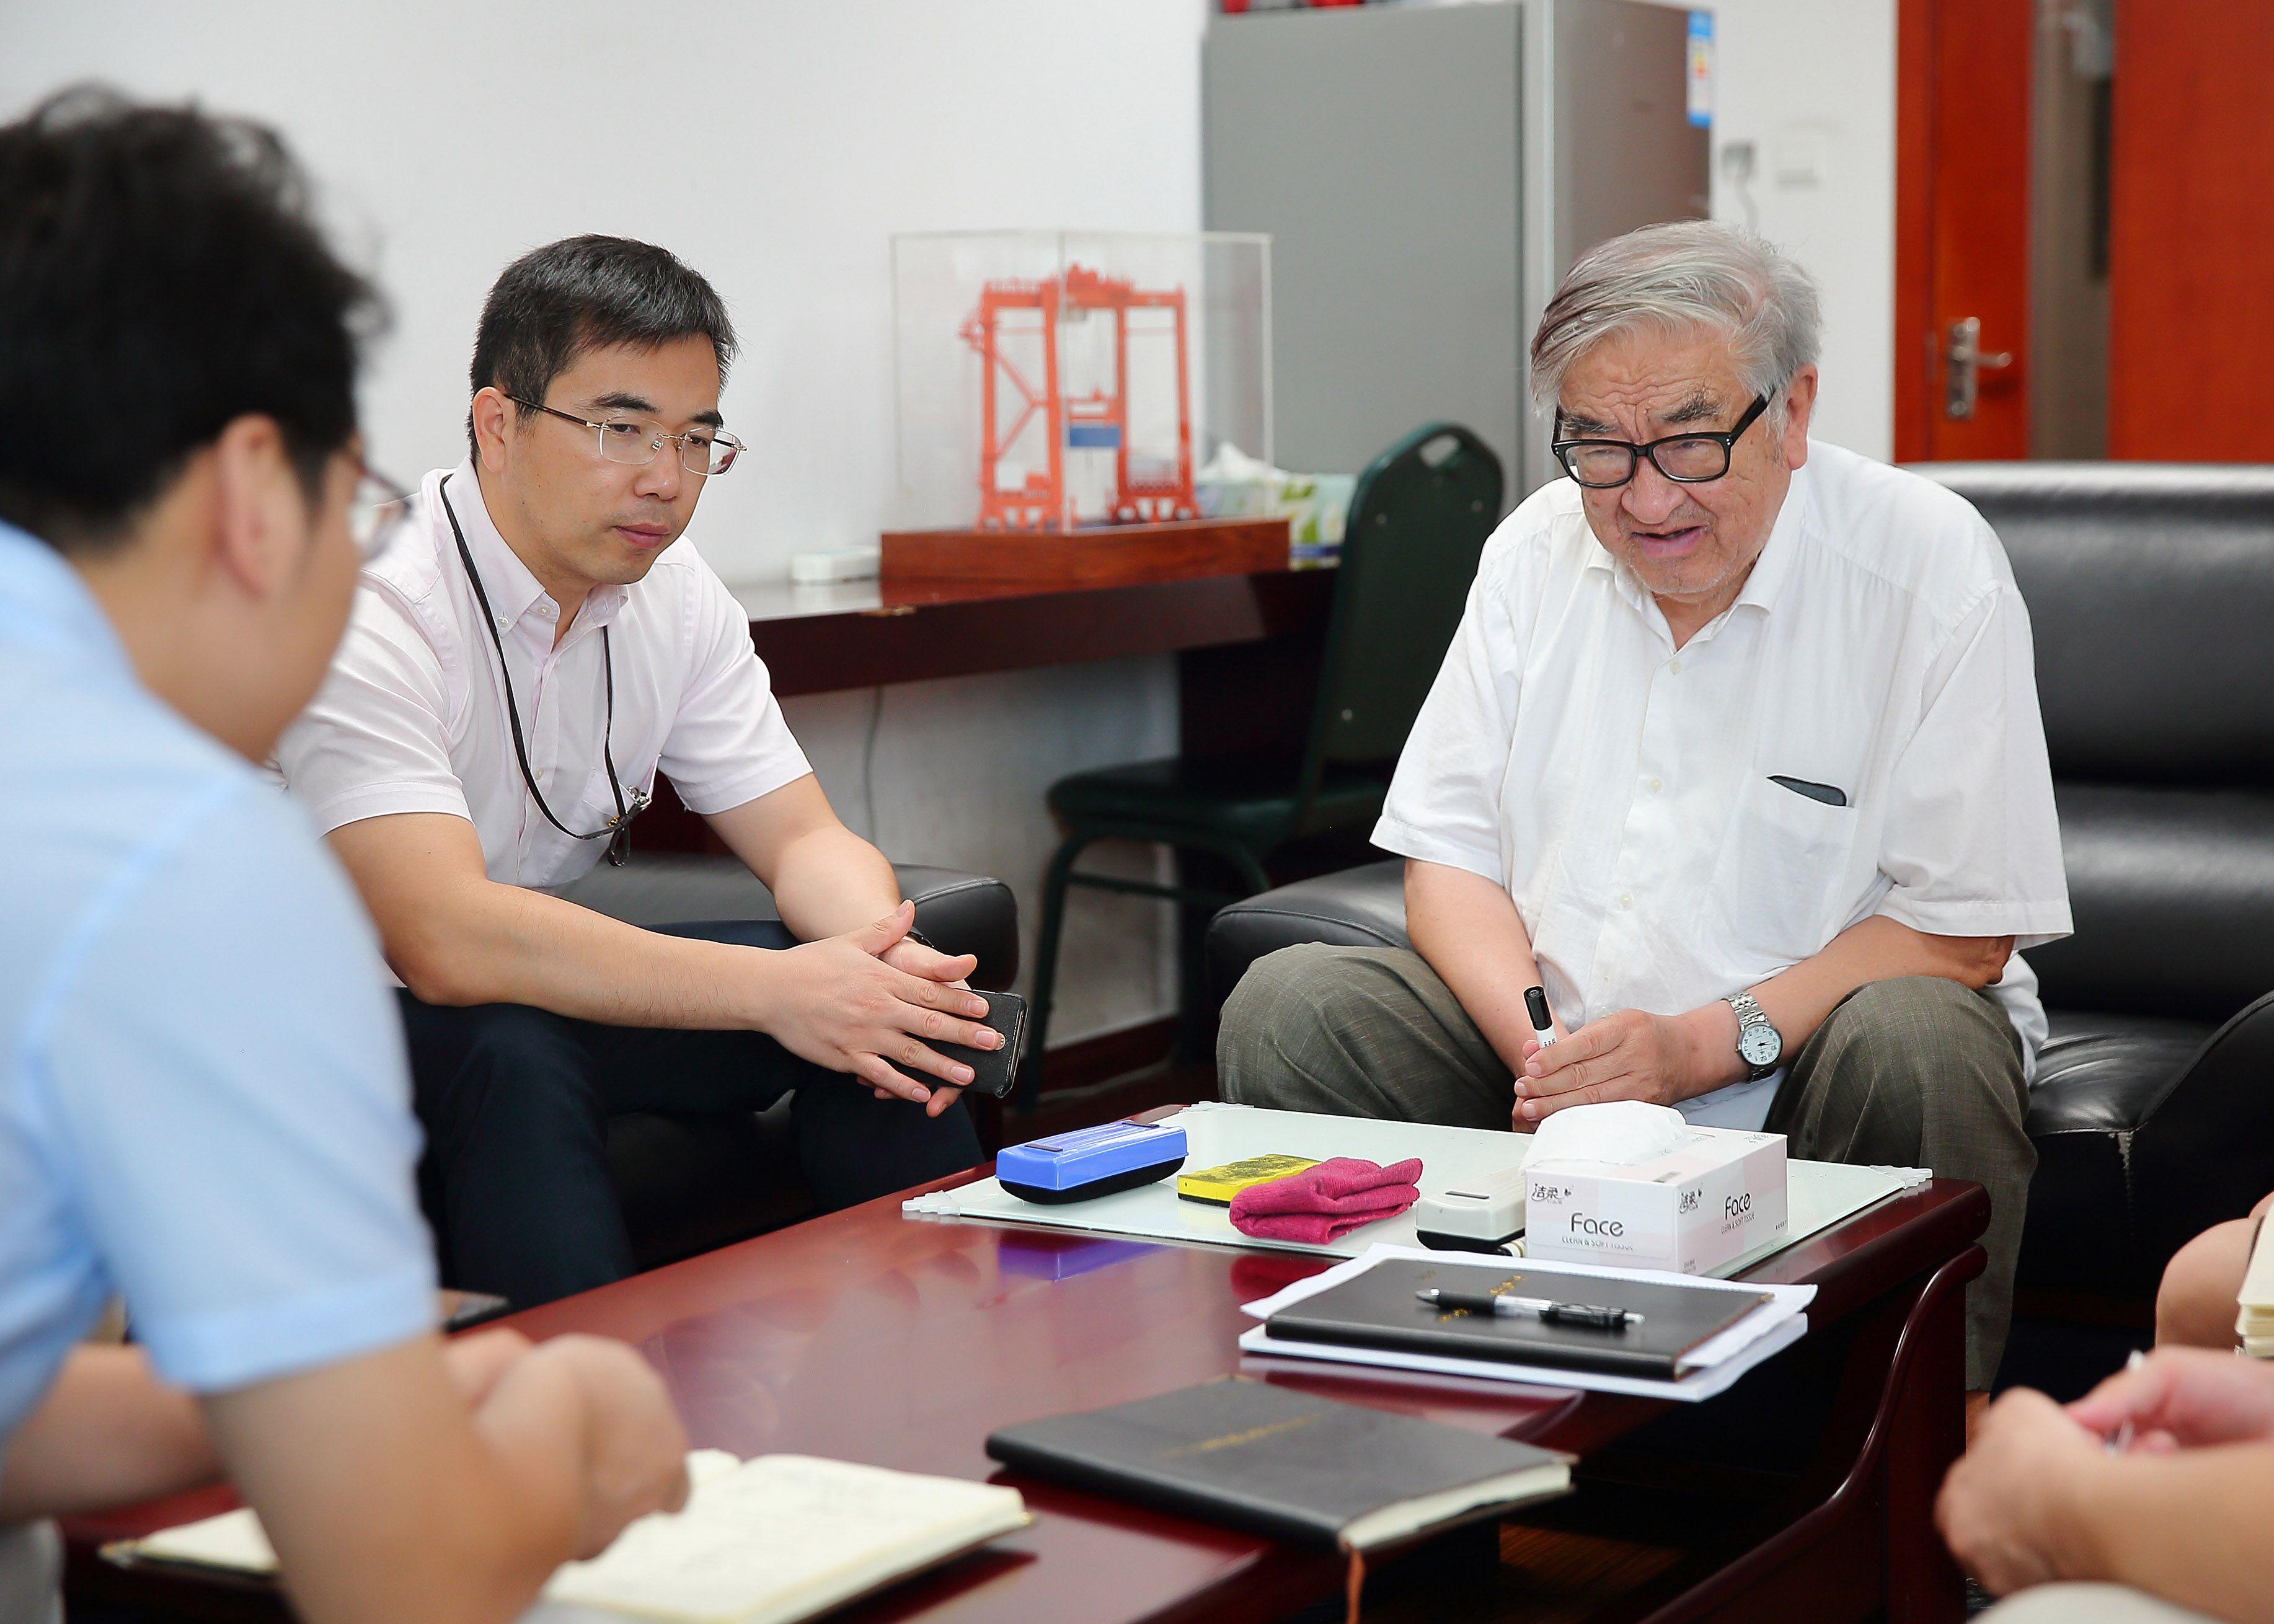 2018.8.15管总在办公室与技术人员讨论工程船技术问题-李学民摄.jpg